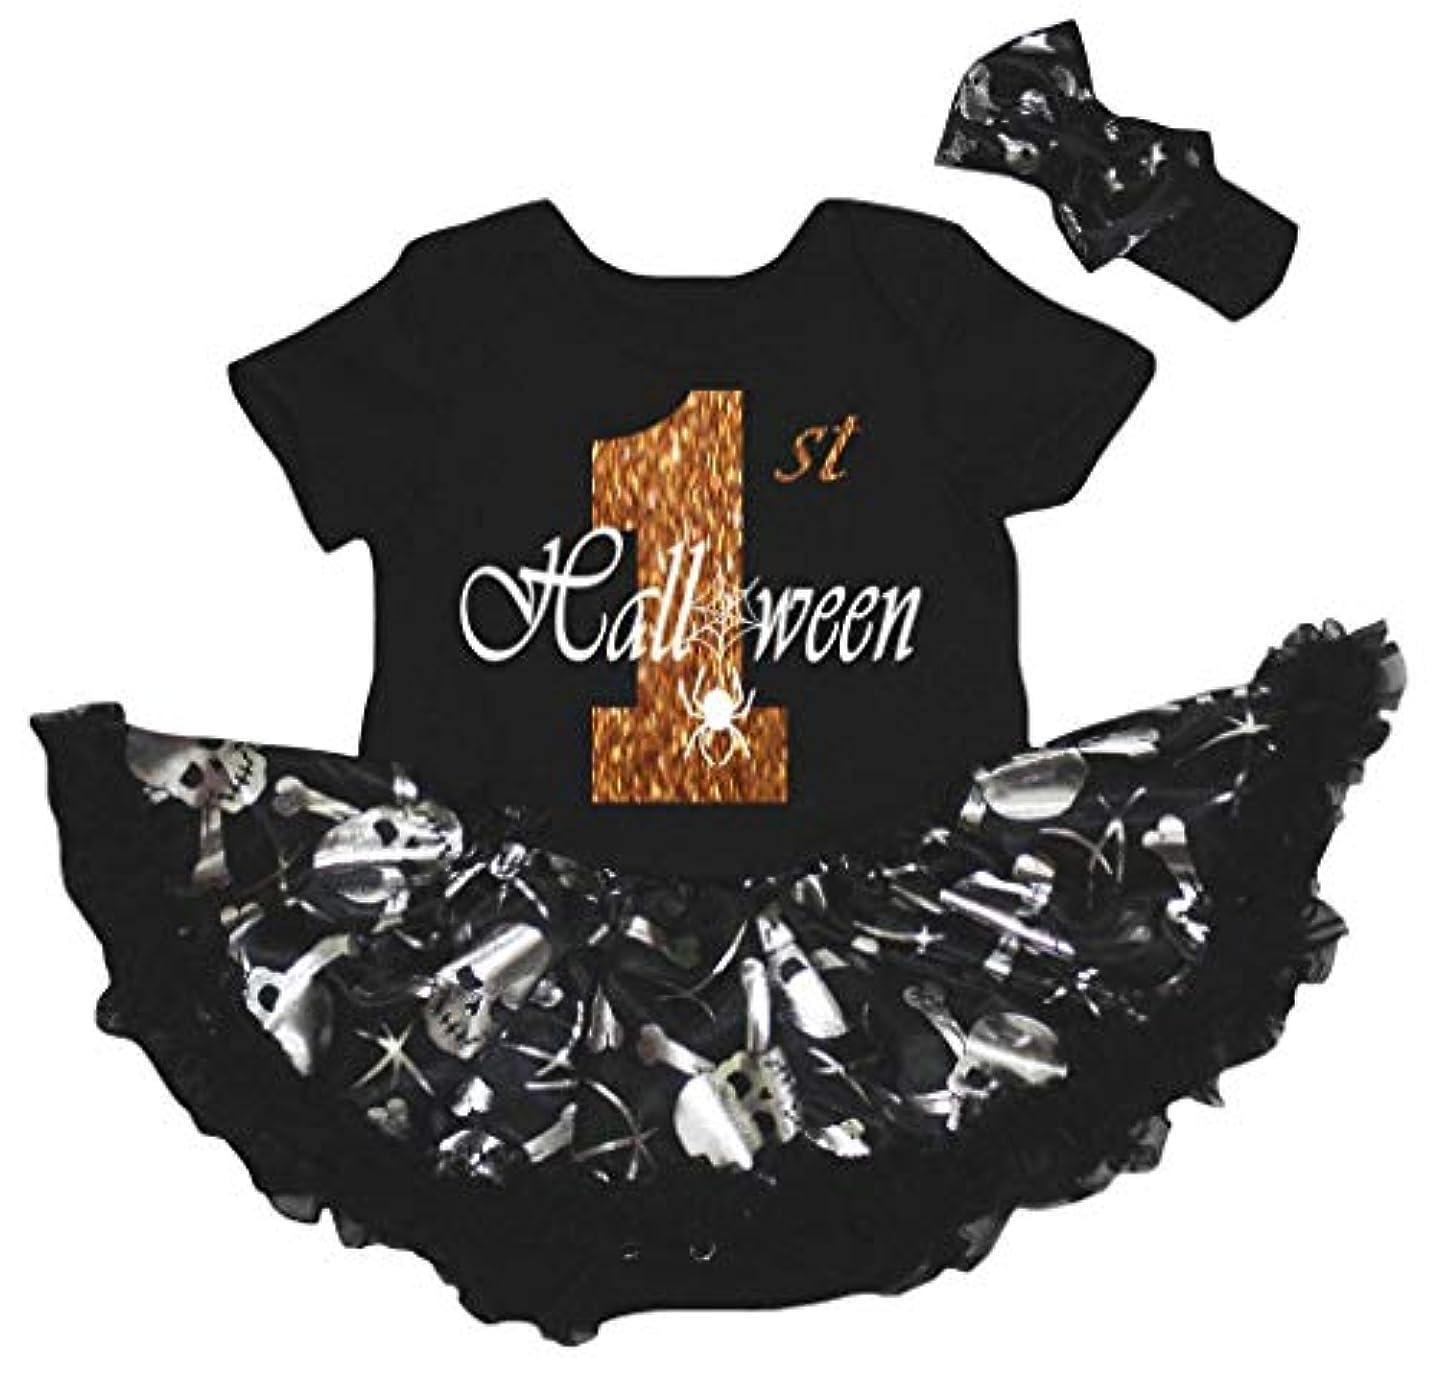 男らしいチャールズキージングスローガン[キッズコーナー] ハロウィン 1st Halloween シルバースカル 子供ボディスーツ、子供のチュチュ、ベビー服、女の子のワンピースドレス Nb-18m (ブラック, Large) [並行輸入品]